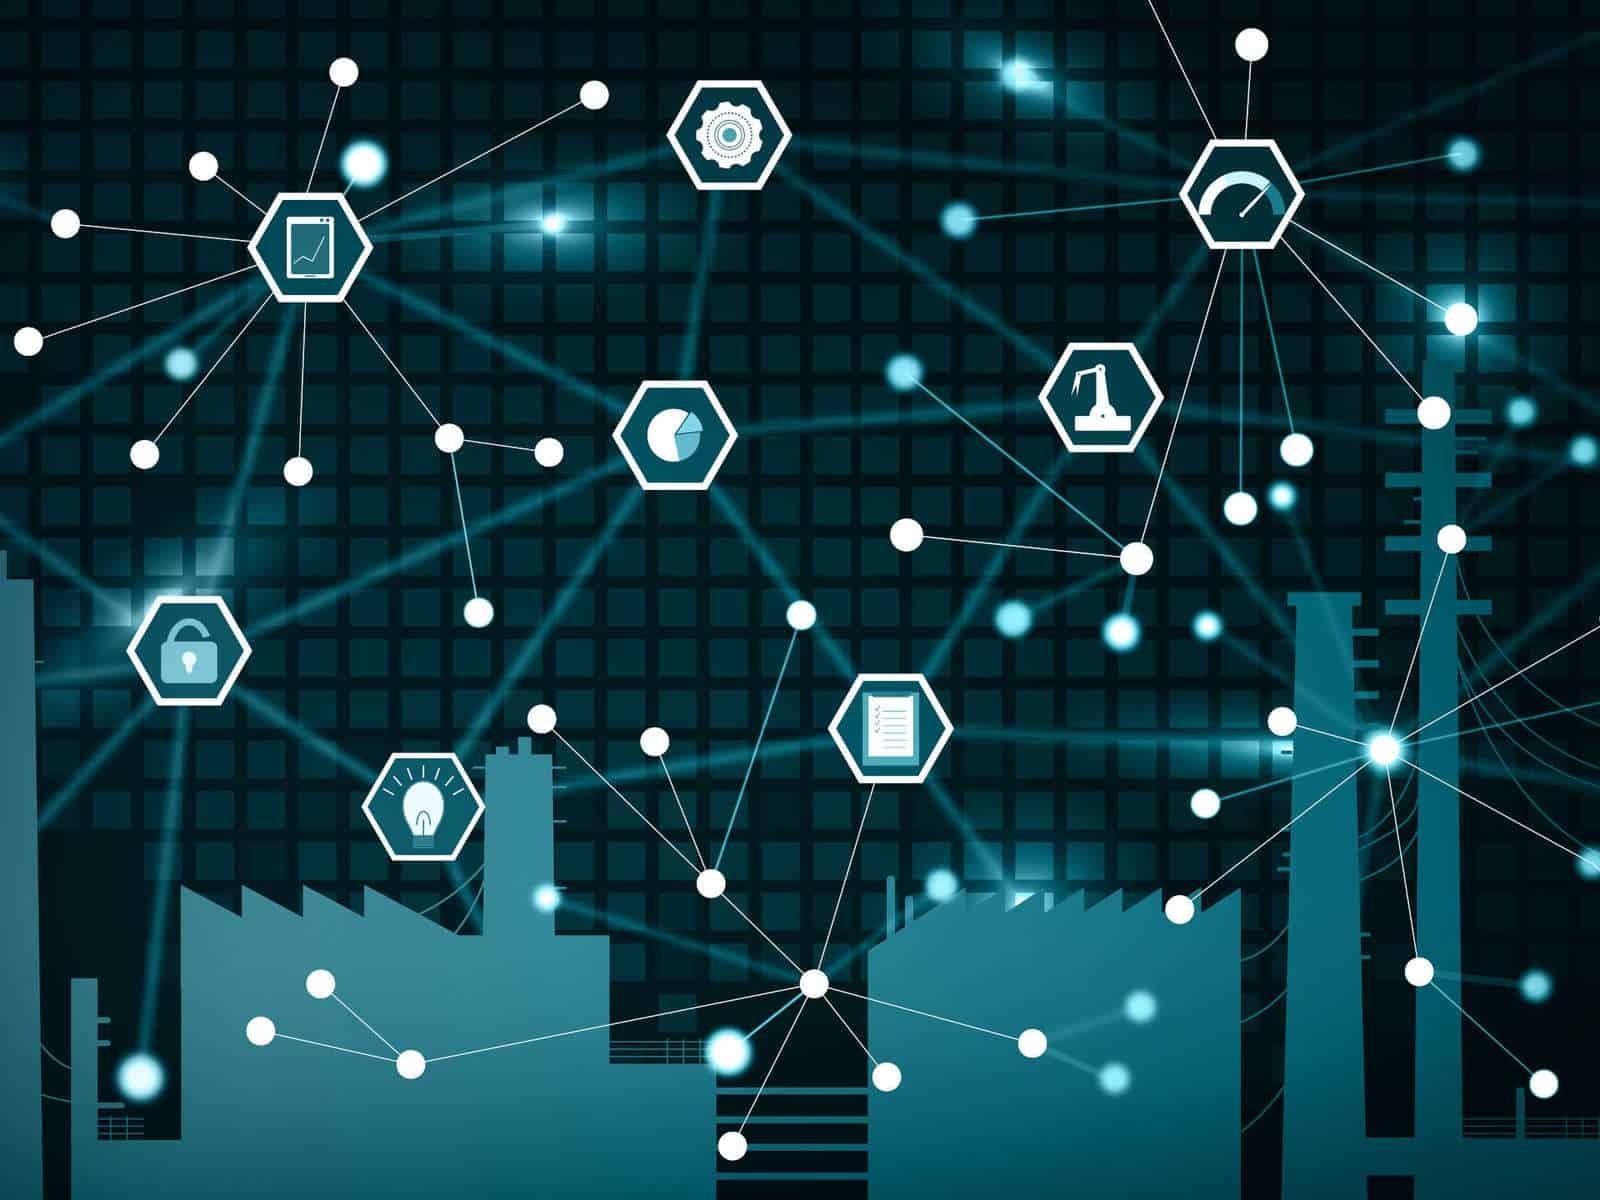 Più qualità, efficienza e controllo grazie all'IoT nell'Industry 4.0